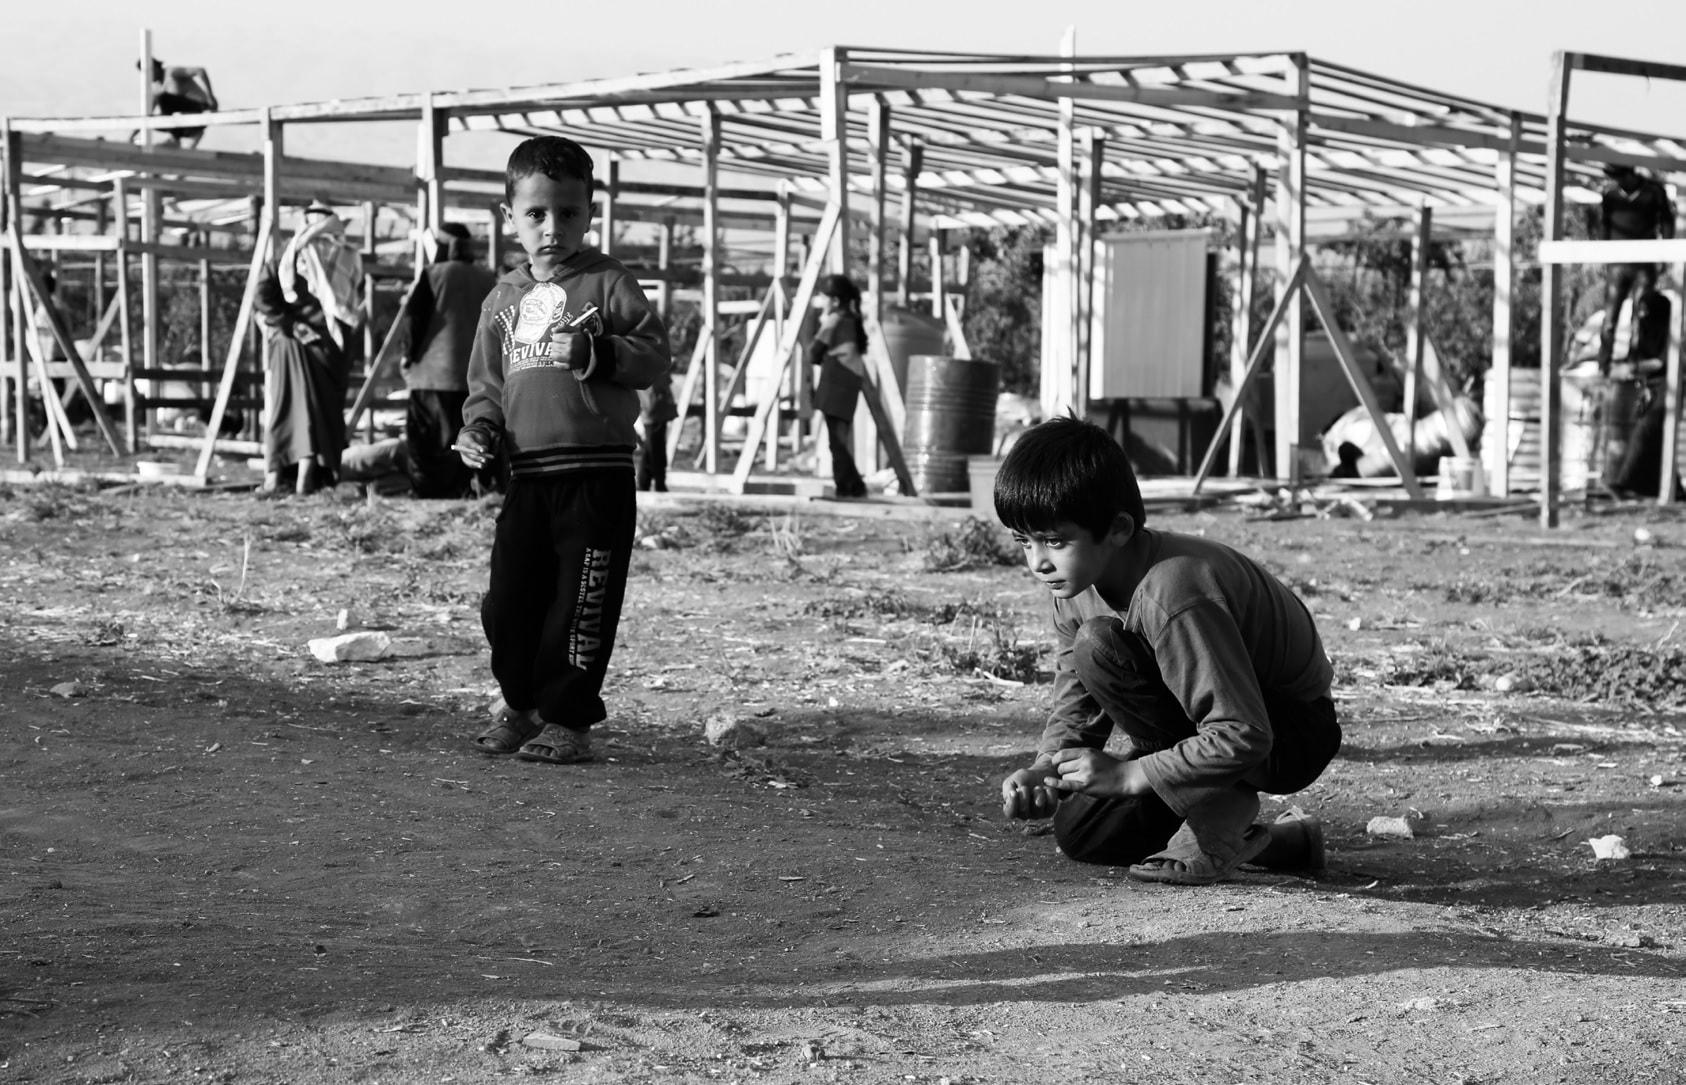 Phtographie d'Assem Hamsho tirée des lieux des temps zéro